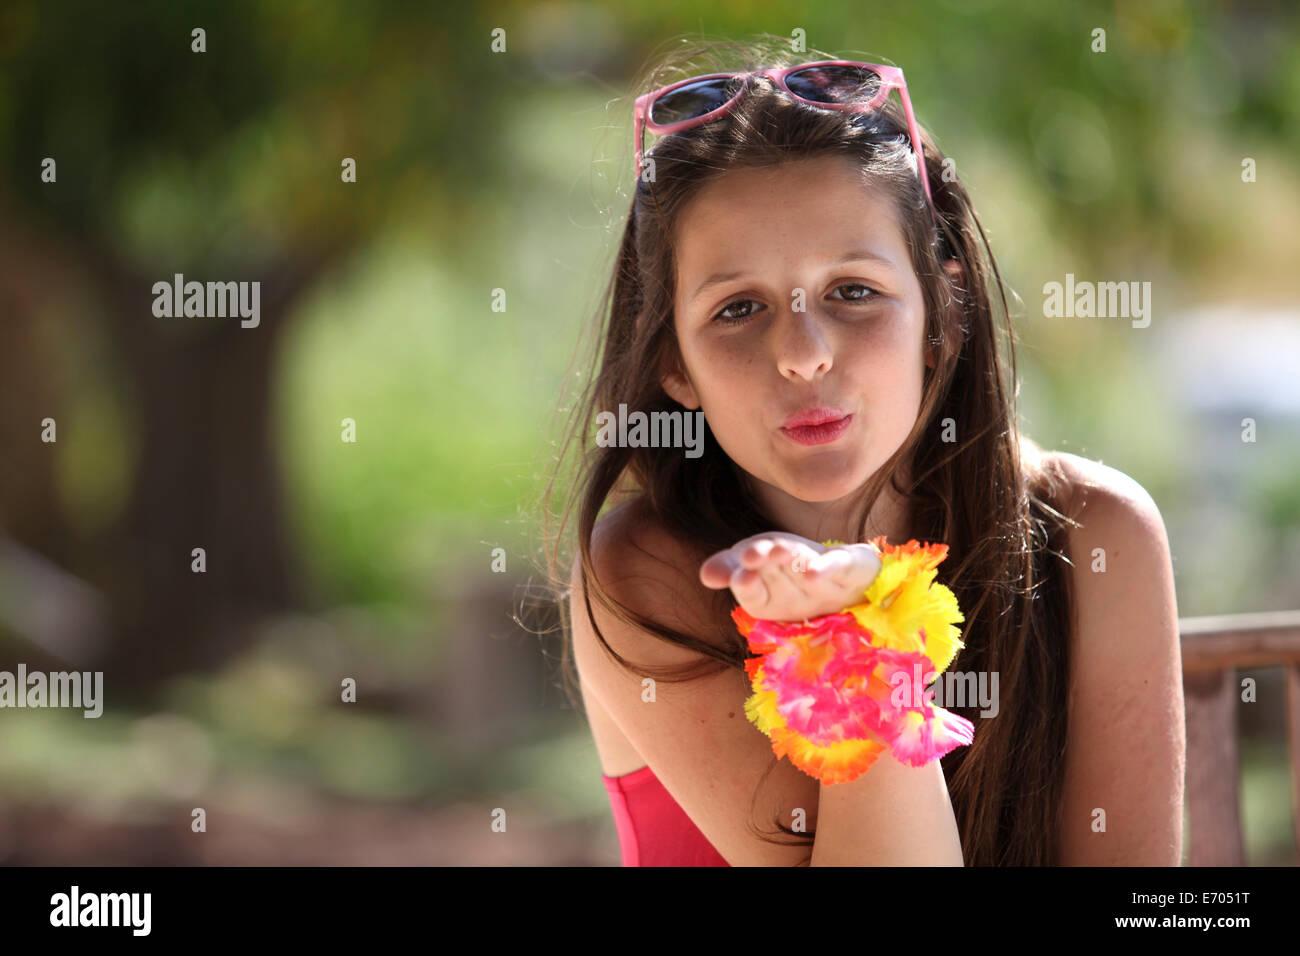 Porträt eines Mädchens im Park weht einen Kuss Stockbild